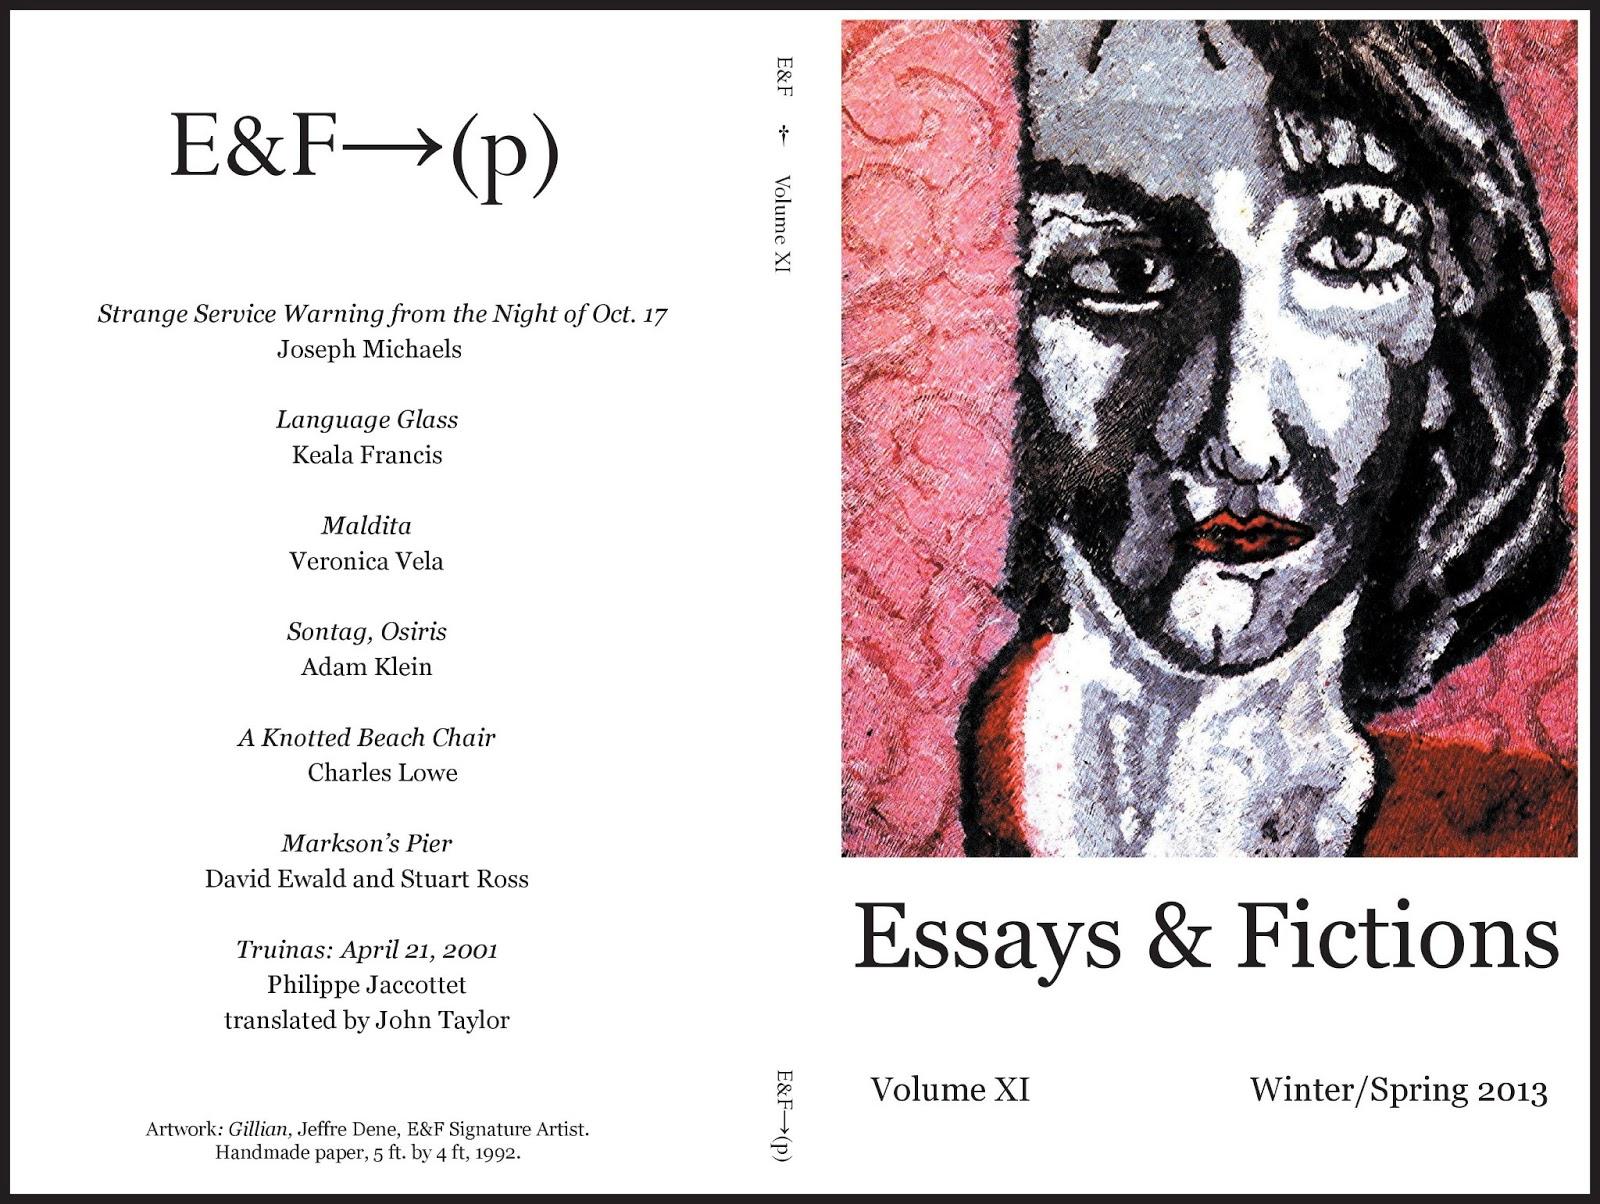 essays and fictions press How to write an essay about a non-fiction text a-niveau du skal skrive en sammenhængende, struktureret analyse og vurdering af en non-fiction tekst.